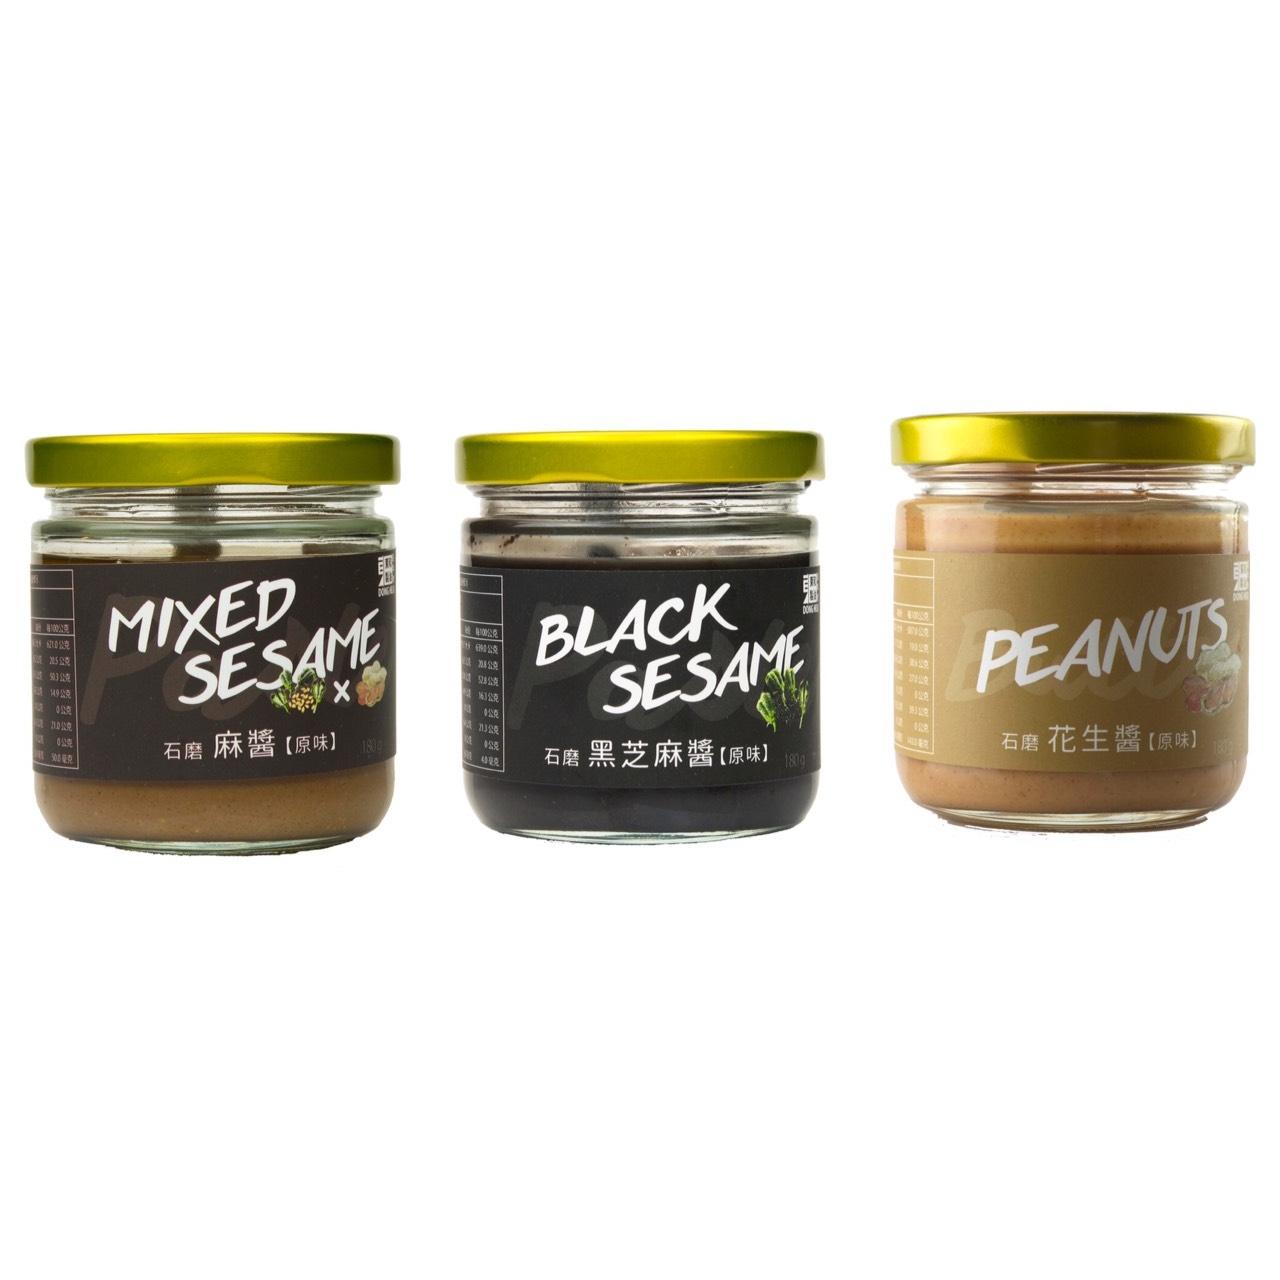 【東和製油】麻醬(無糖)1入 石磨黑芝麻醬(無糖)1入組 花生醬(無糖)1入